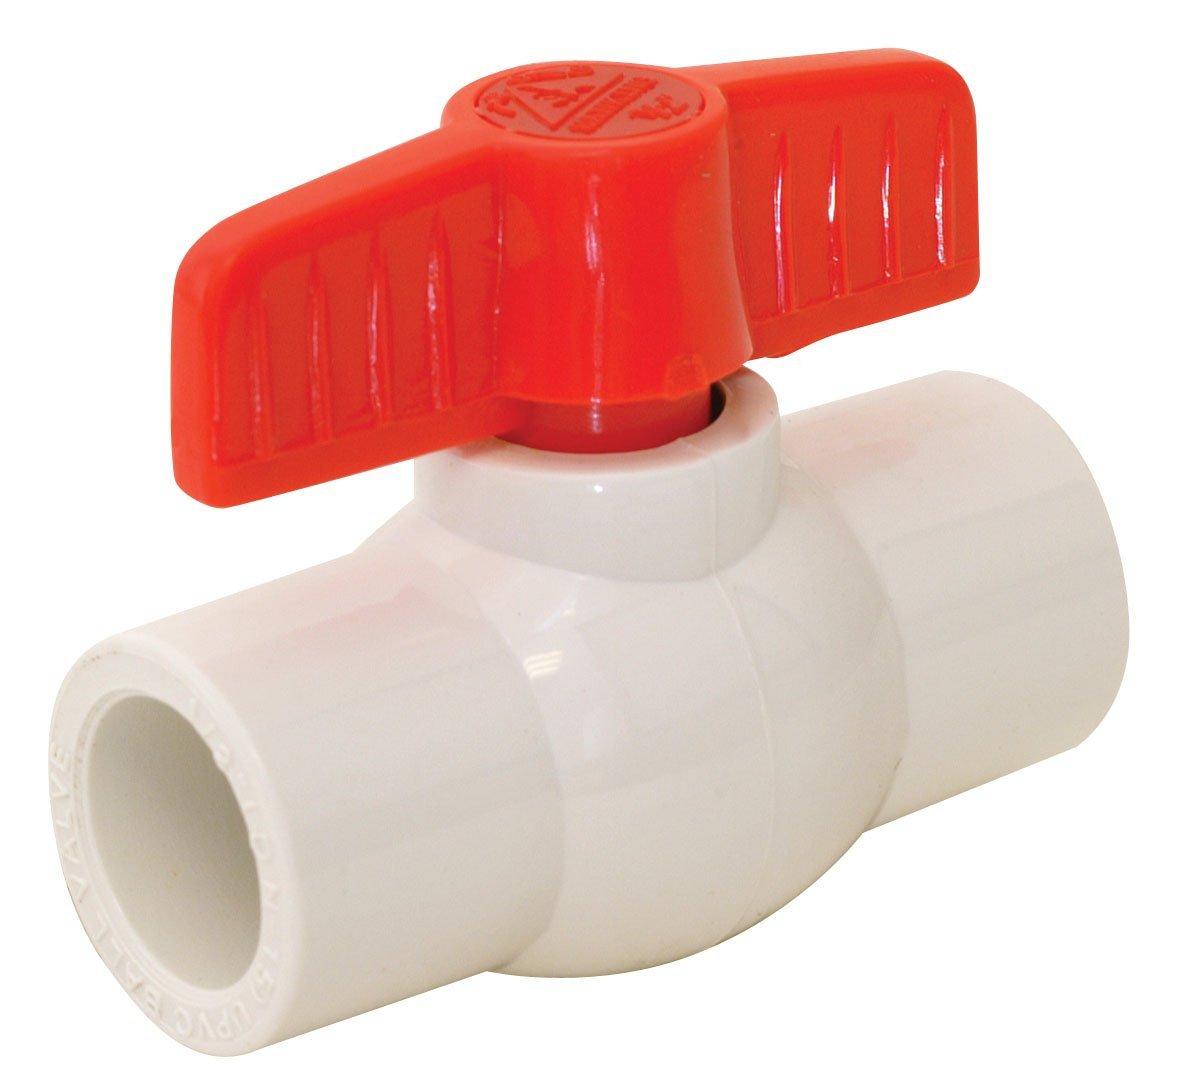 EZ-FLO 20591 20123 slip ball valve pvc, 3'', White by EZ-Flo